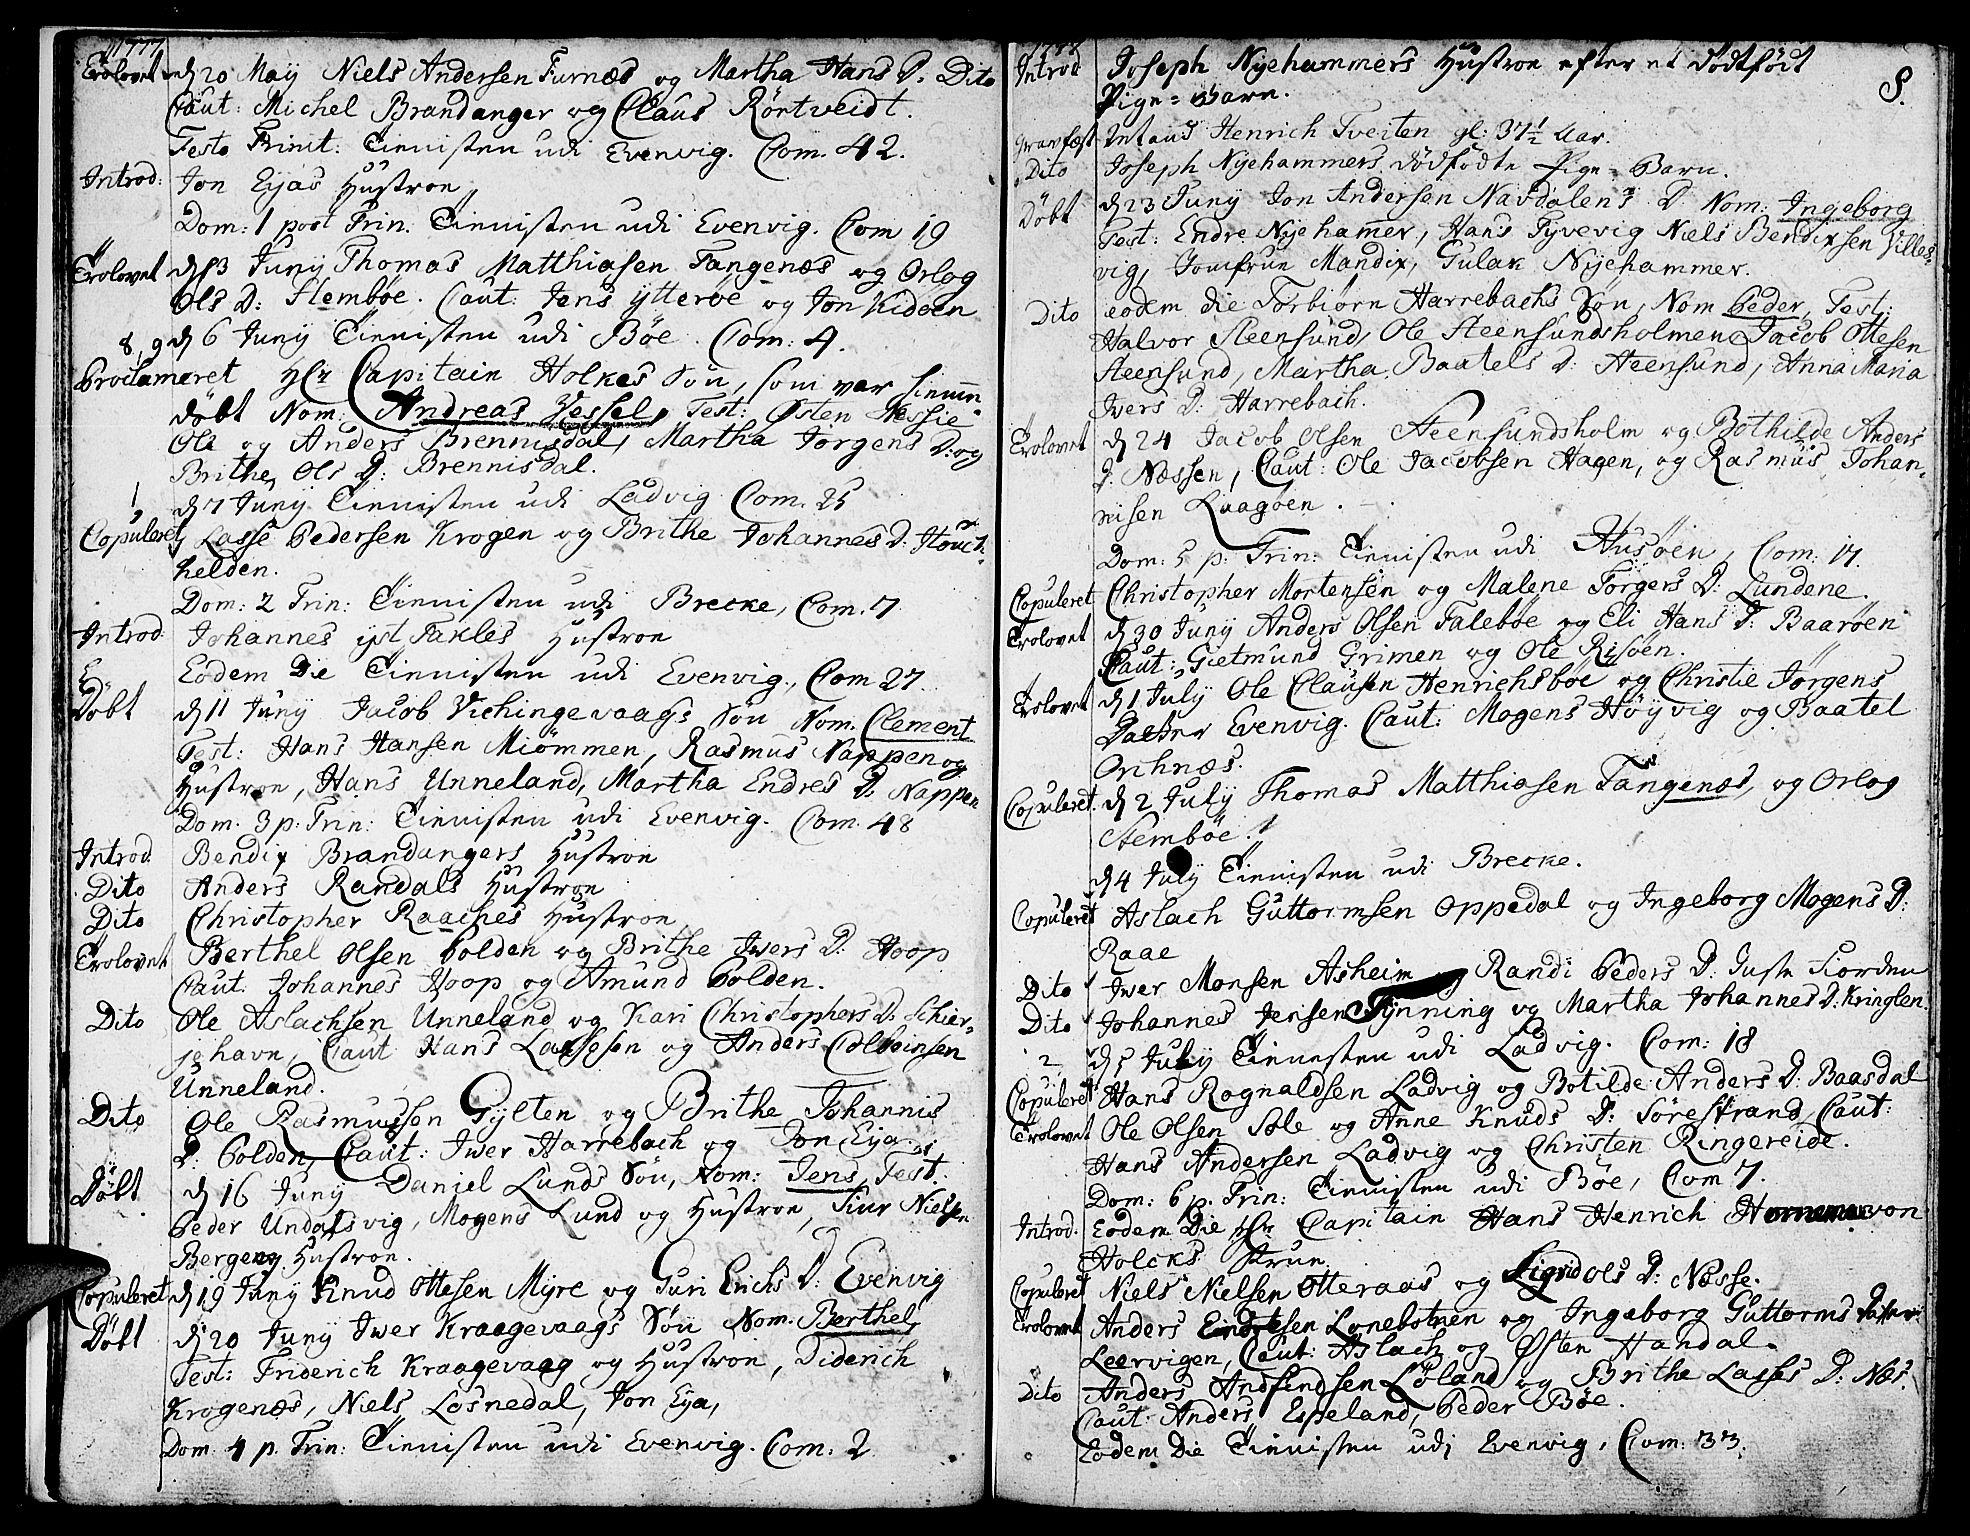 SAB, Gulen sokneprestembete, Ministerialbok nr. A 13, 1776-1787, s. 8